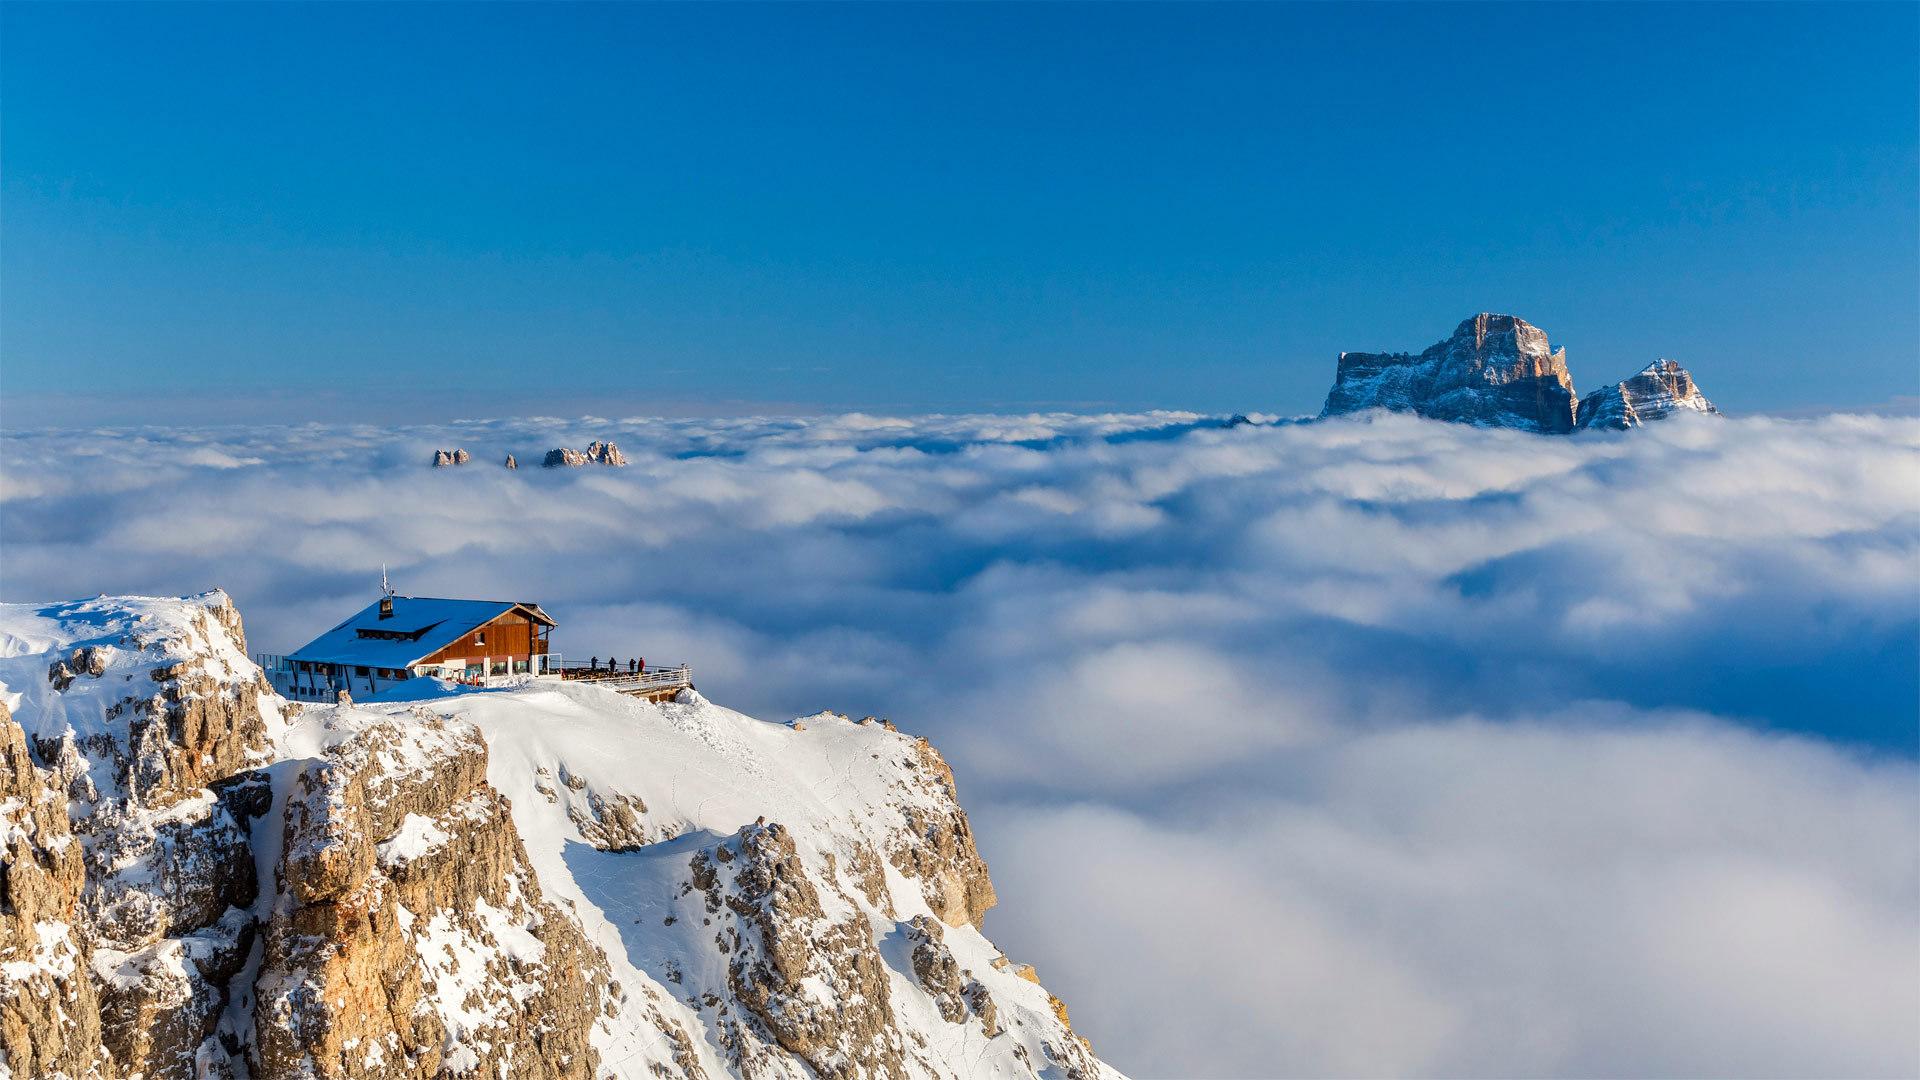 以佩尔莫山为背景云层之上的Rifugio LagazuoiRifugio Lagazuoi